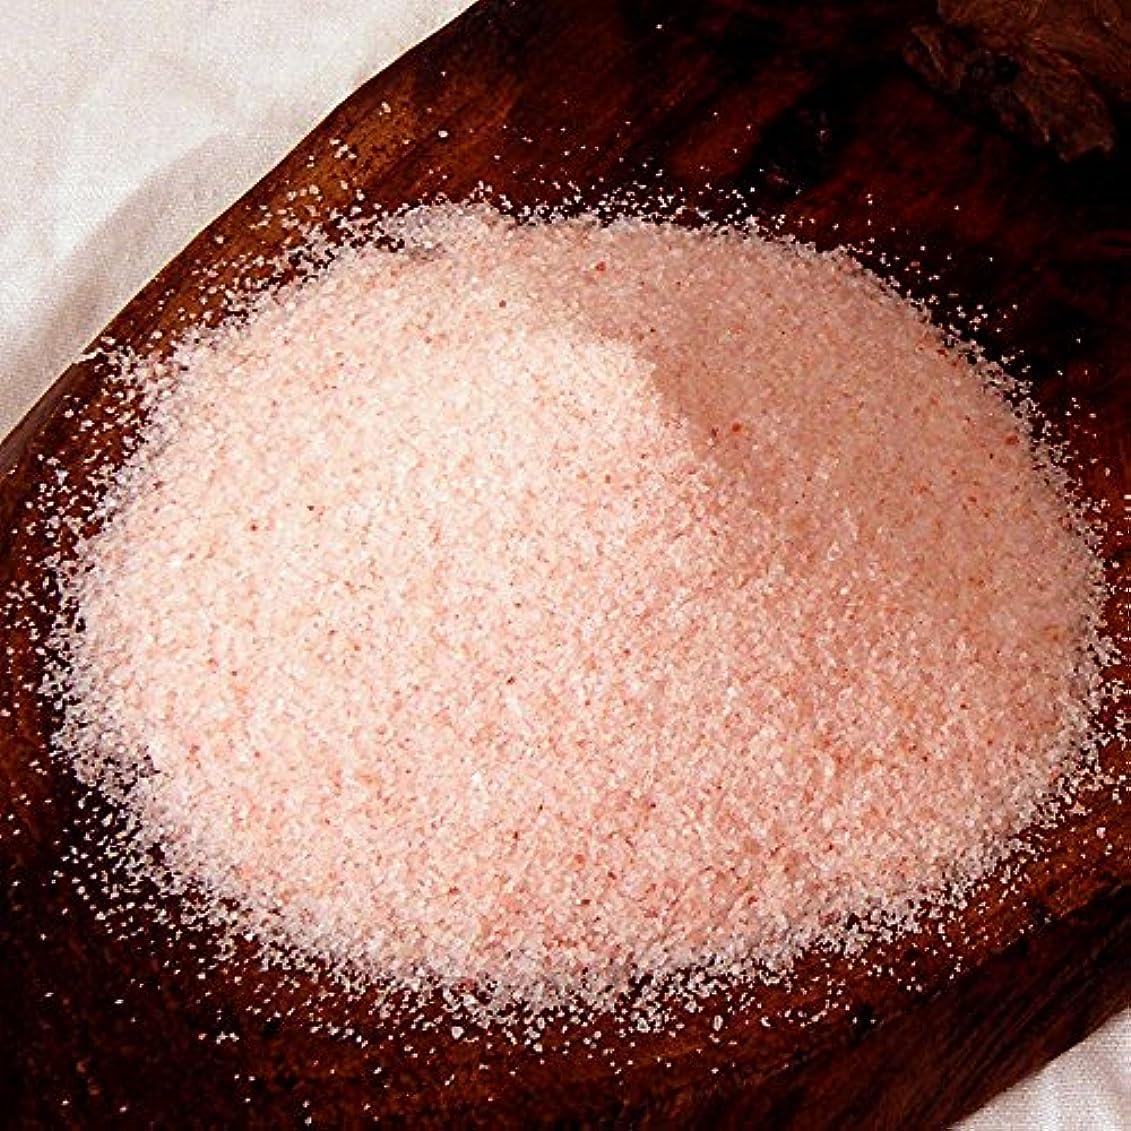 アリーナ政権カッターヒマラヤ岩塩 バスソルト ローズソルト 溶けやすい細粒タイプ 5kg 塩洗顔にも 【保管に便利な1kg×5パック】